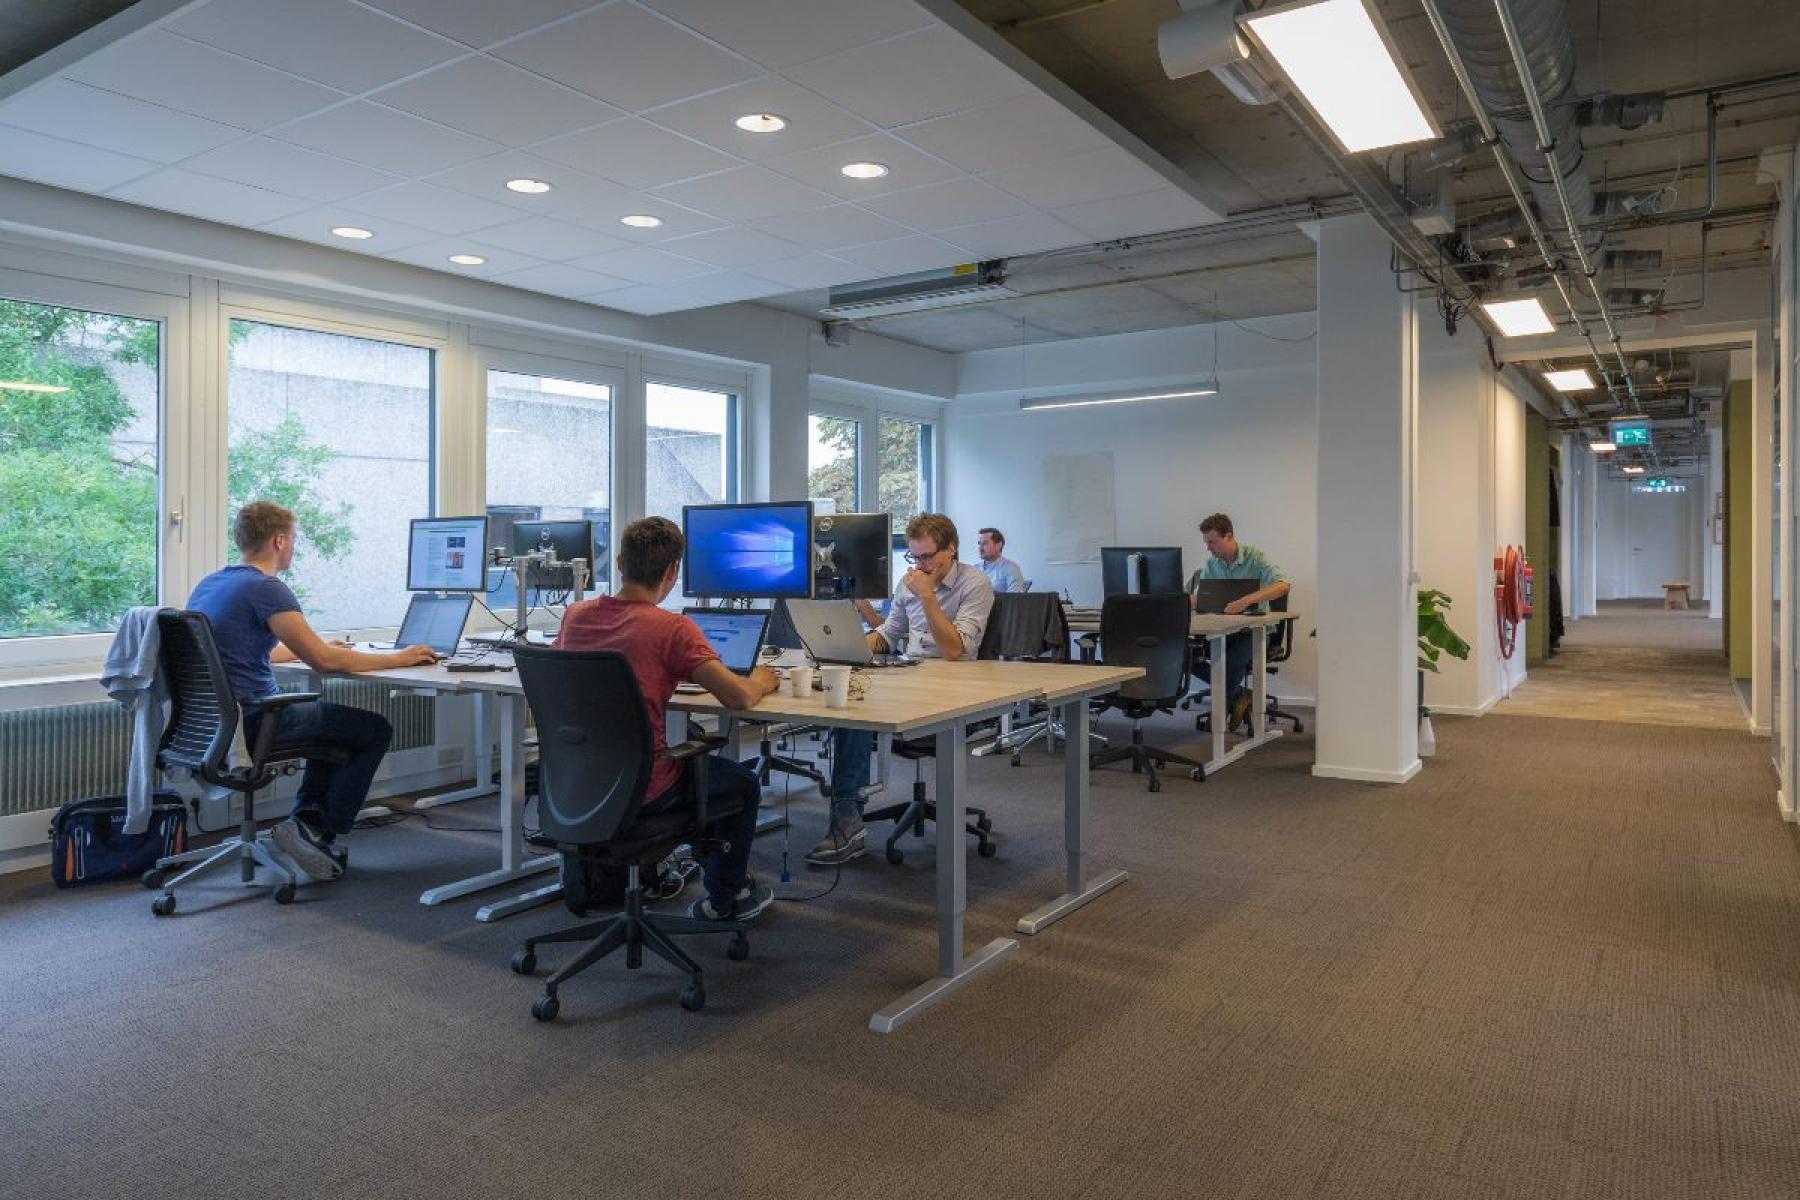 Rent office space Atoomweg 50, Utrecht (8)